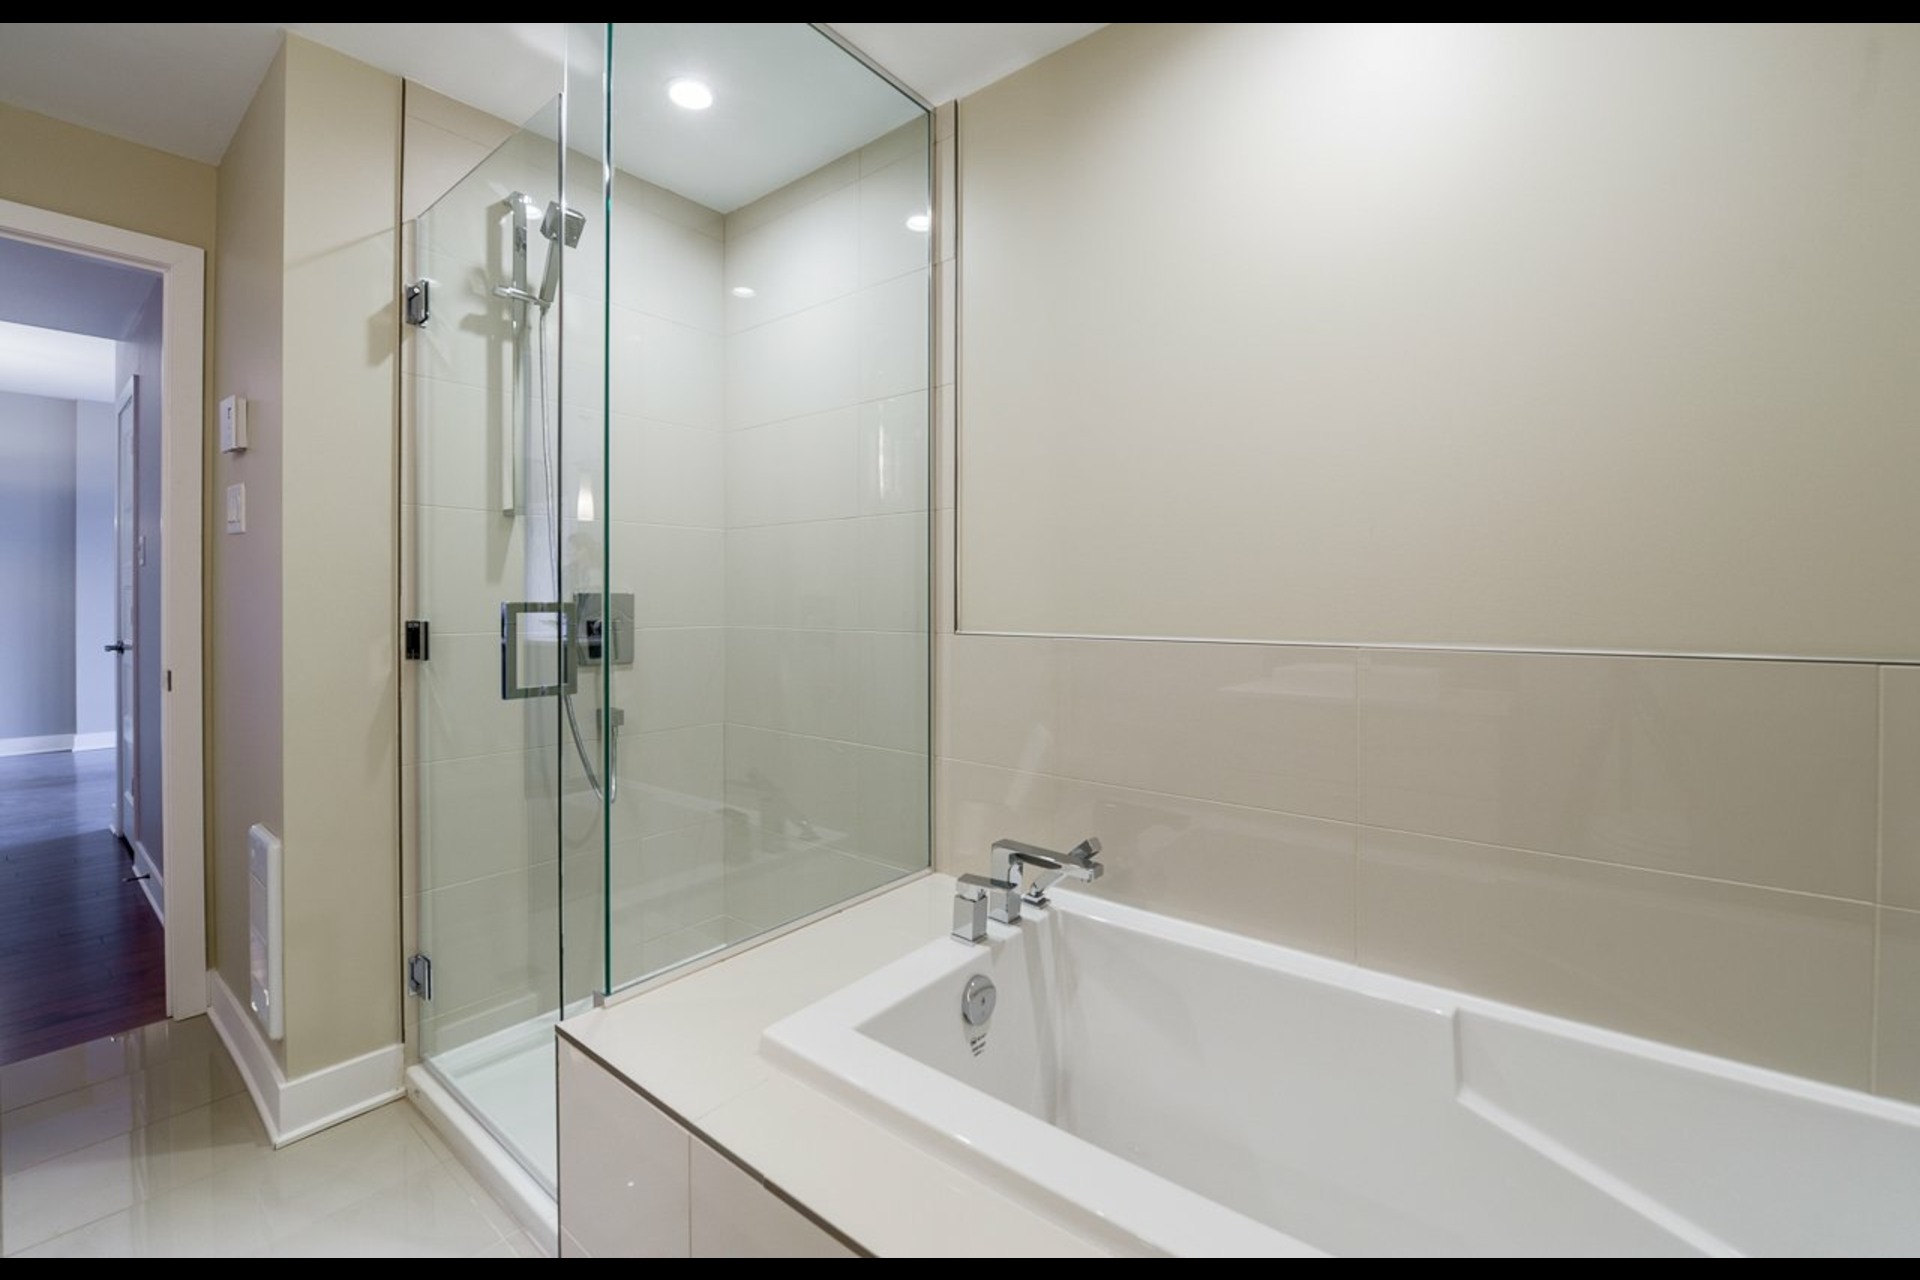 image 10 - Appartement À louer Montréal Rosemont/La Petite-Patrie  - 4 pièces